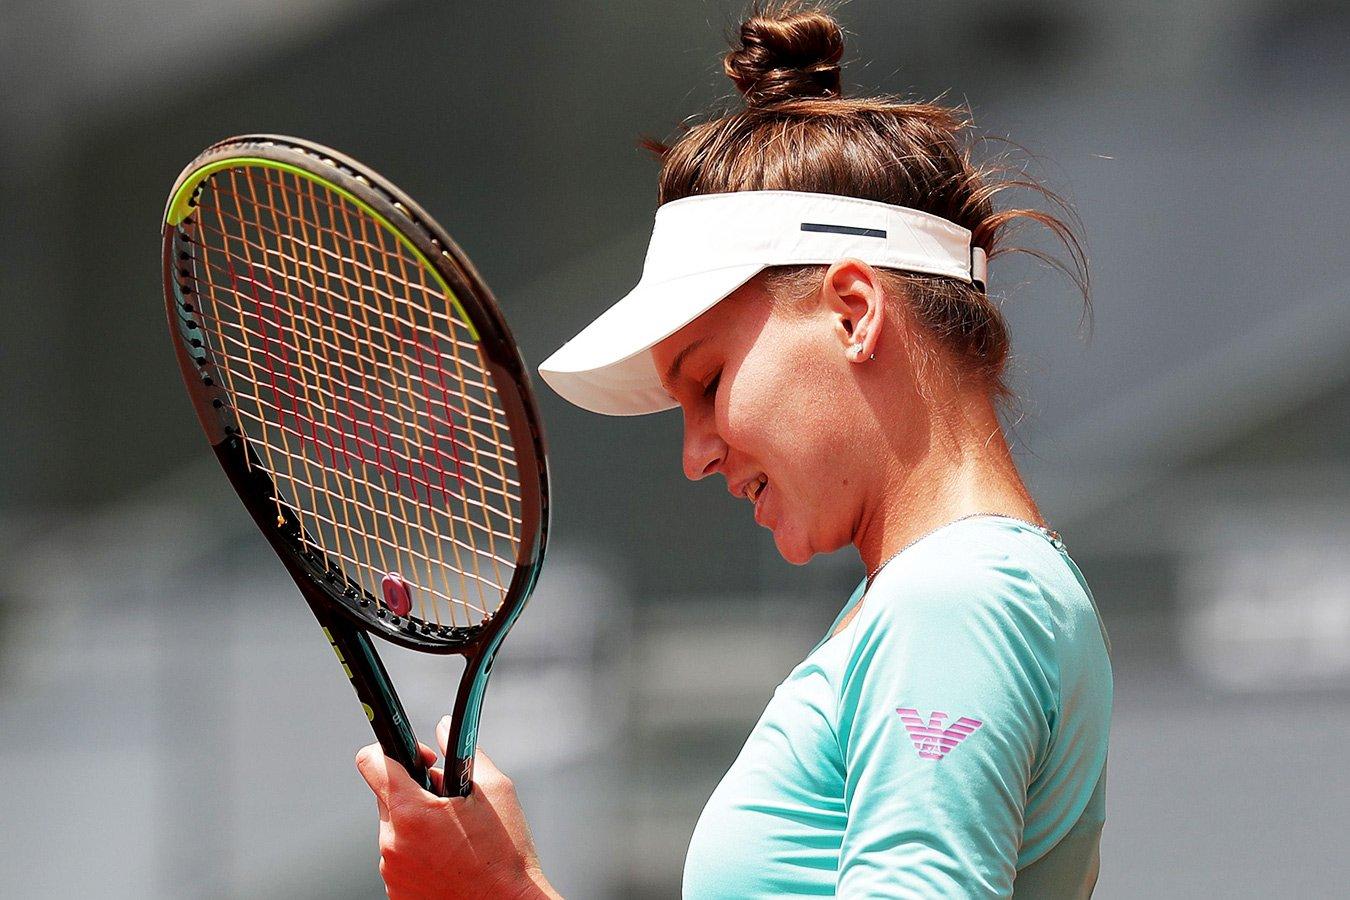 Вероника Кудерметова проиграла во втором круге «Ролан Гаррос», ведя 5:1 в третьем сете